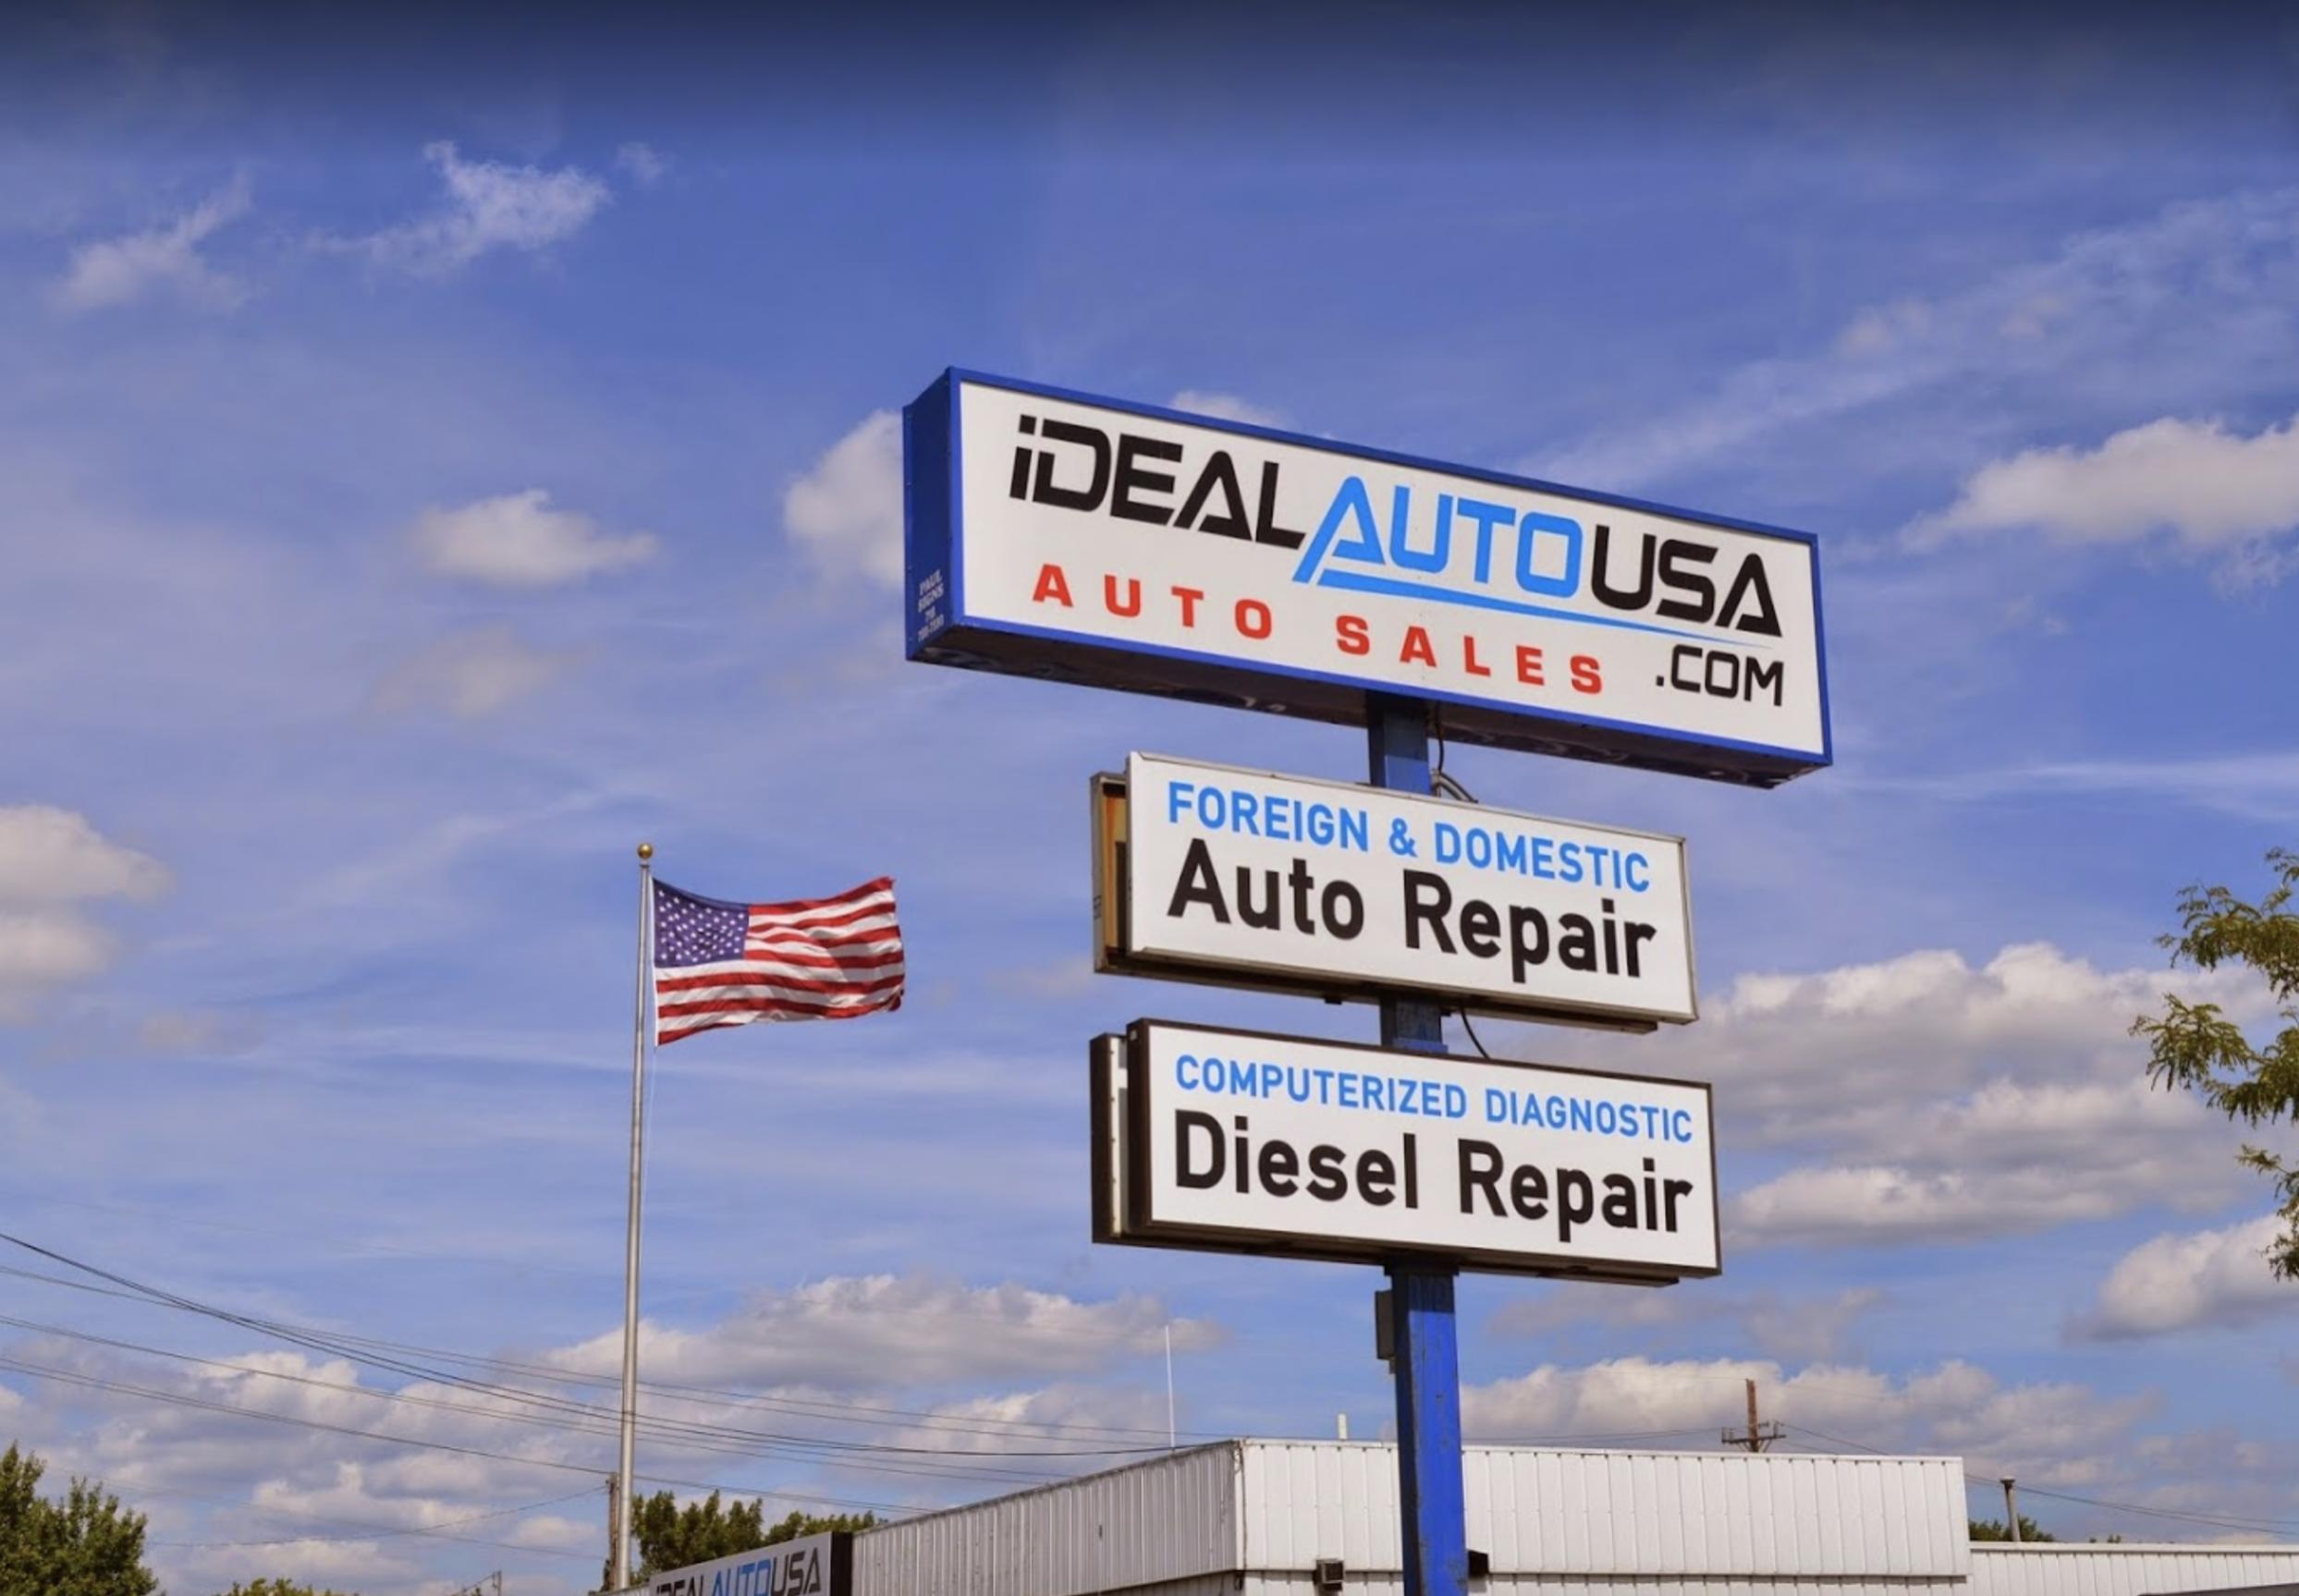 iDeal Auto USA